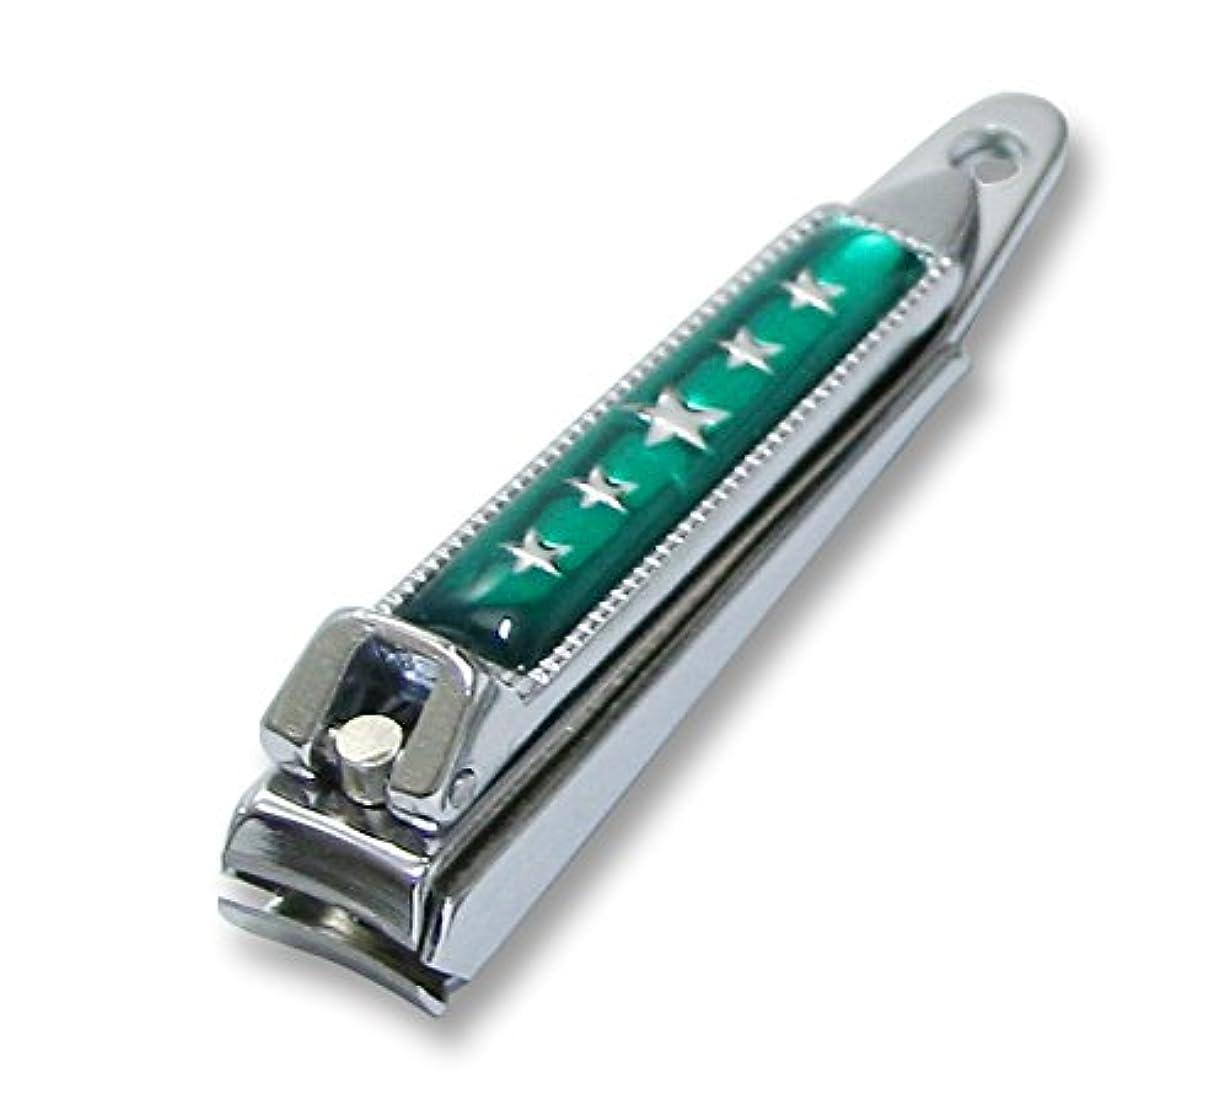 始まり記事口ひげKC-052GR 関の刃物 関兼常 チラーヌ爪切 小 緑